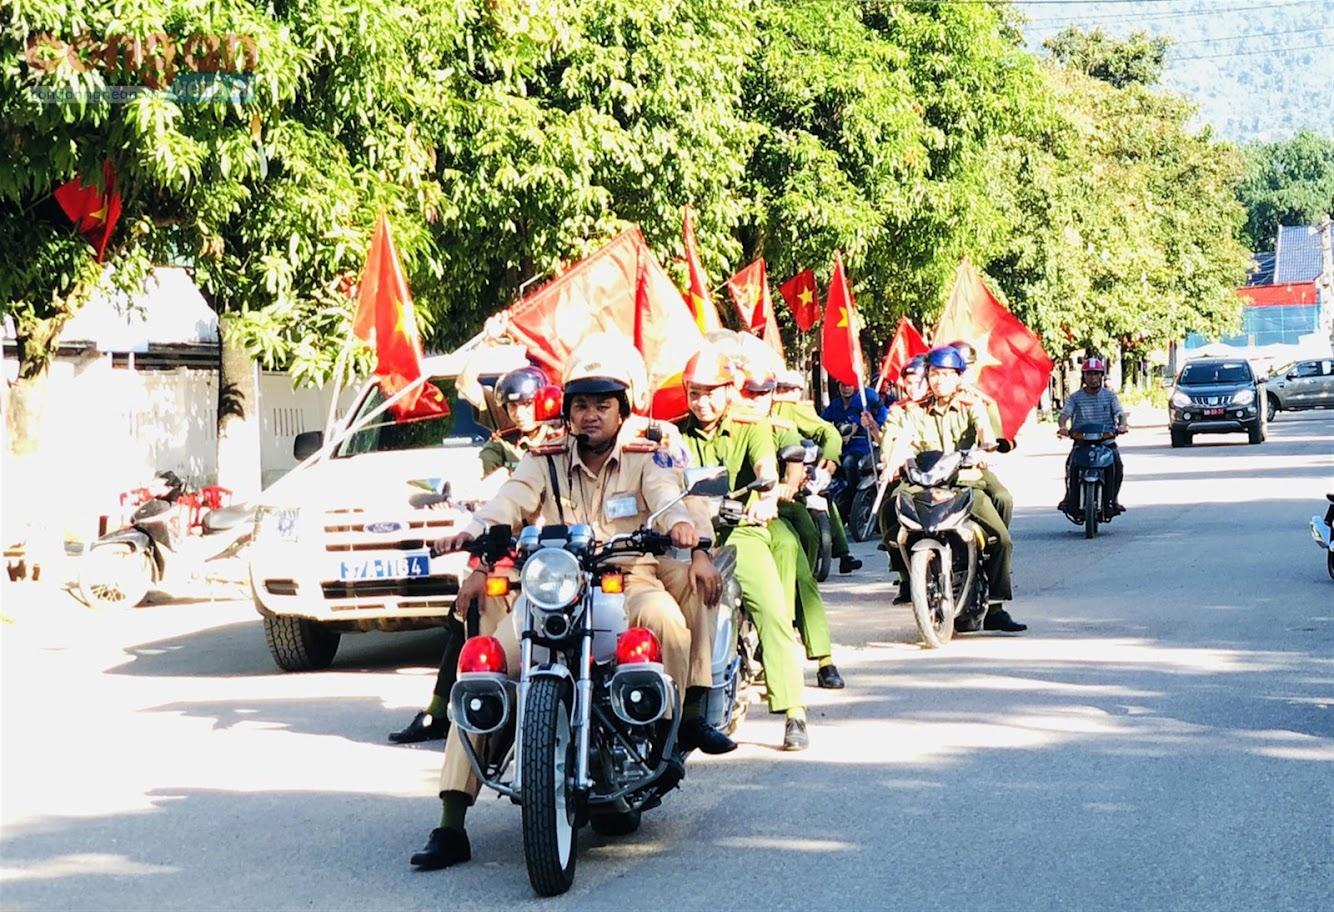 Lực lượng Công an huyện cùng các tổ chức, đoàn thể             huyện Quế Phong tham gia diễu hành tuyên truyền phòng, chống ma túy trên các tuyến đường